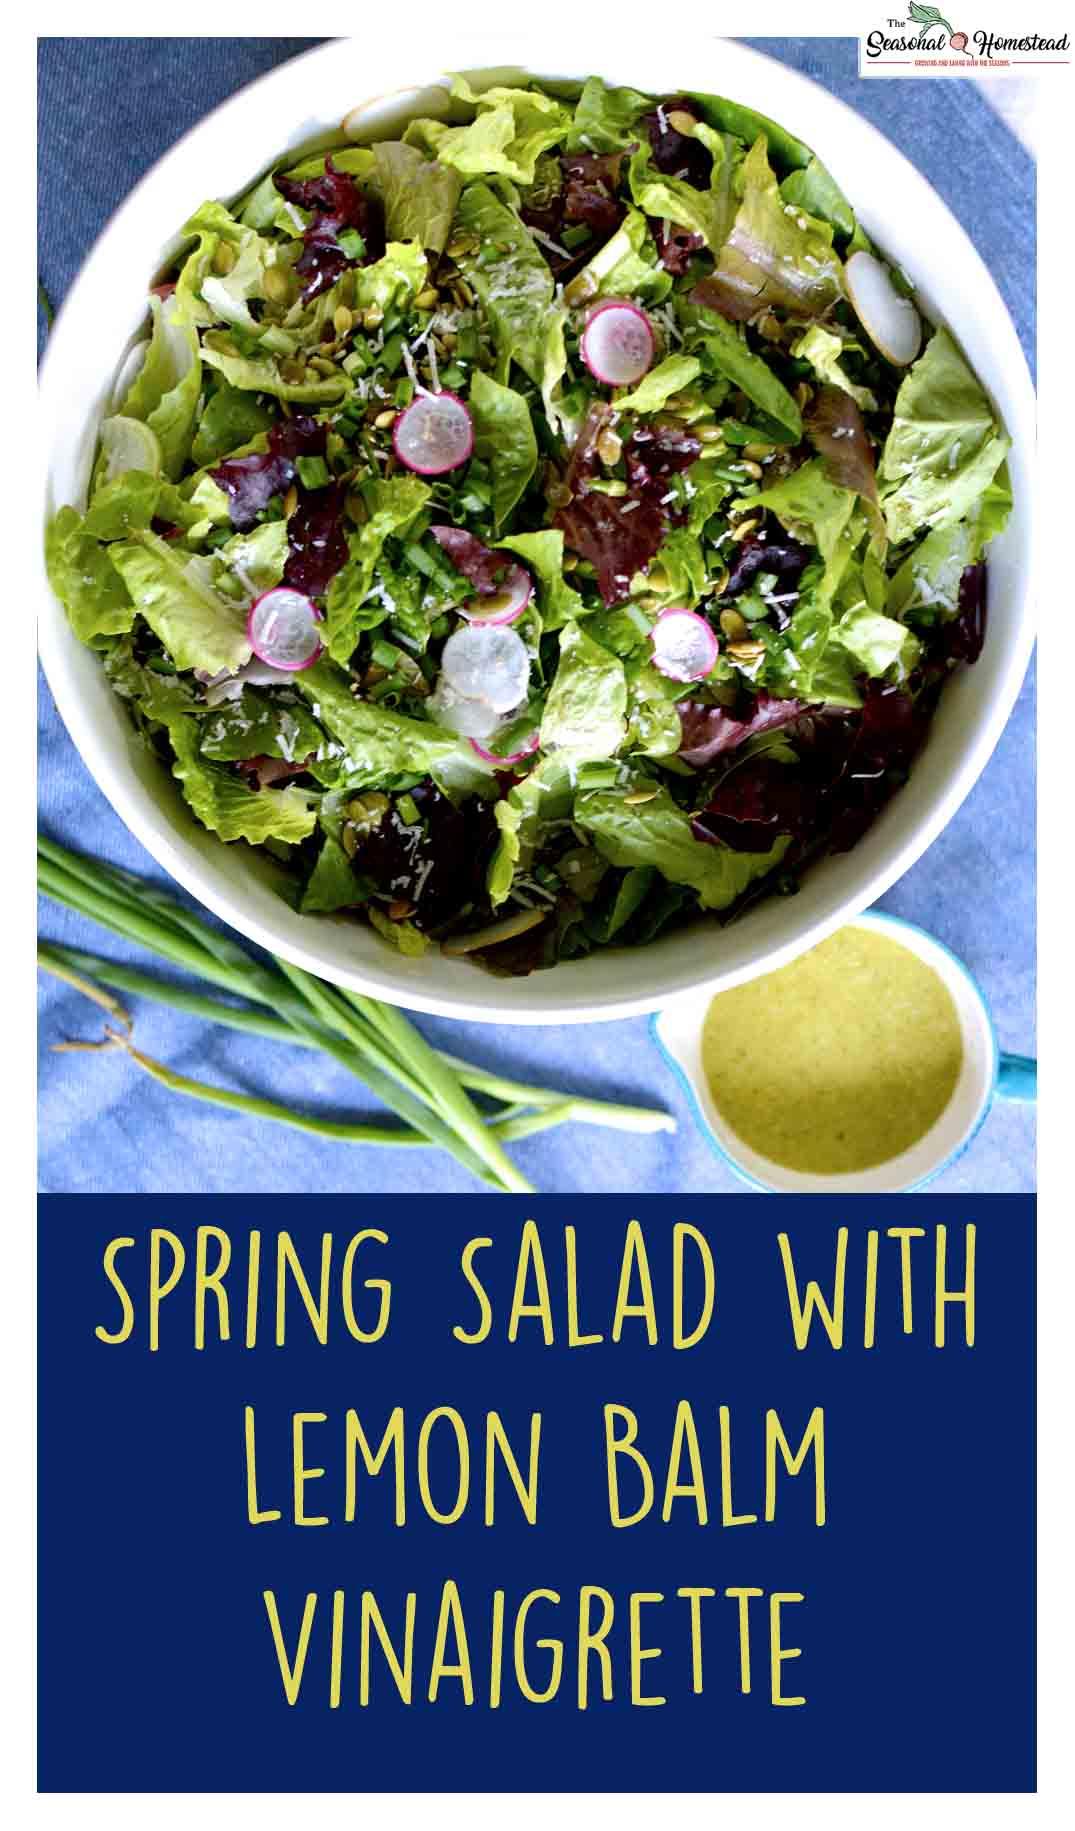 Spring Salad with Lemon Balm Vinagrette.jpg